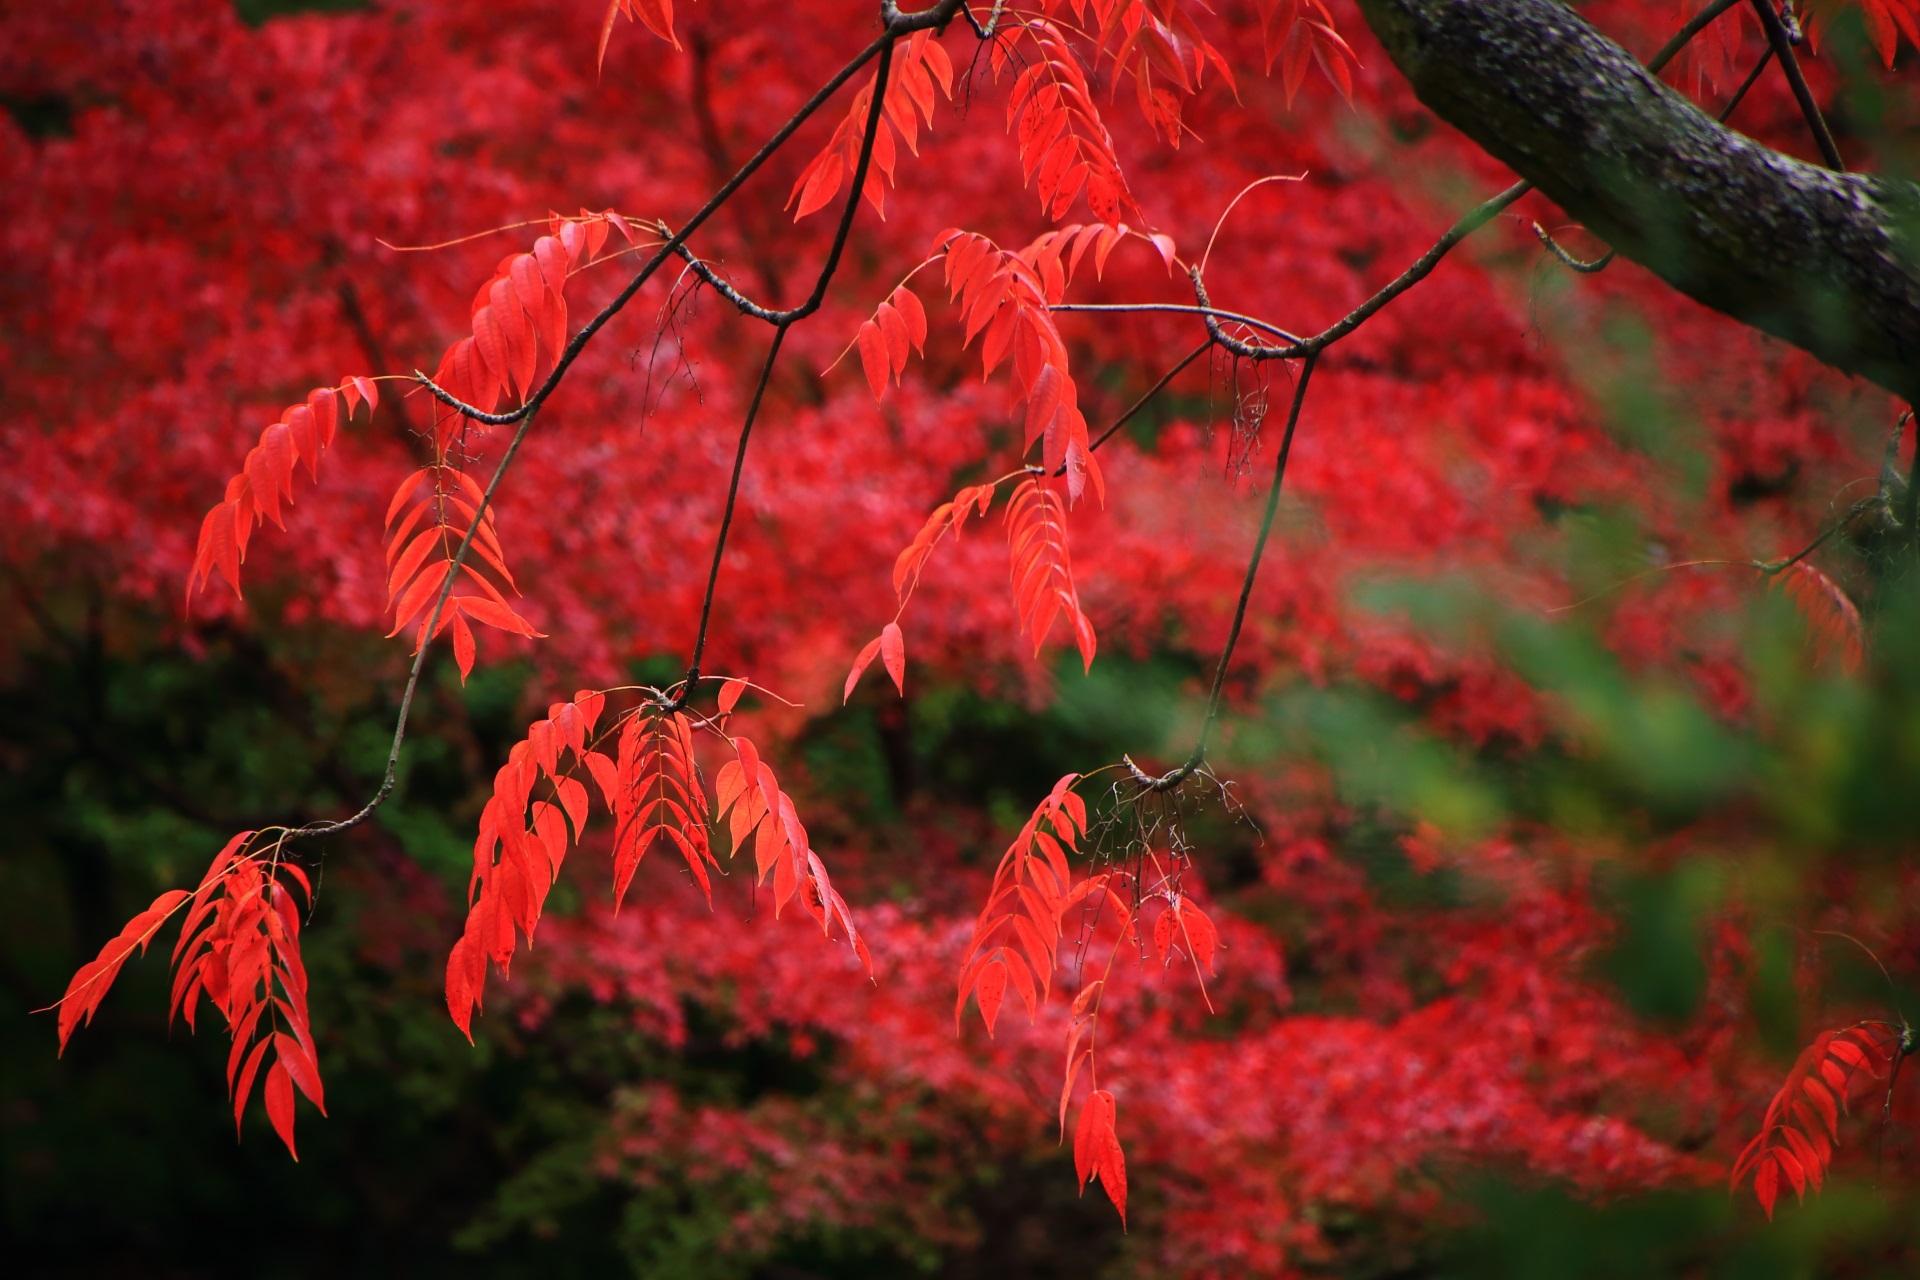 大谷本廟のもみじ以外の木の素晴らしい朱色の紅葉